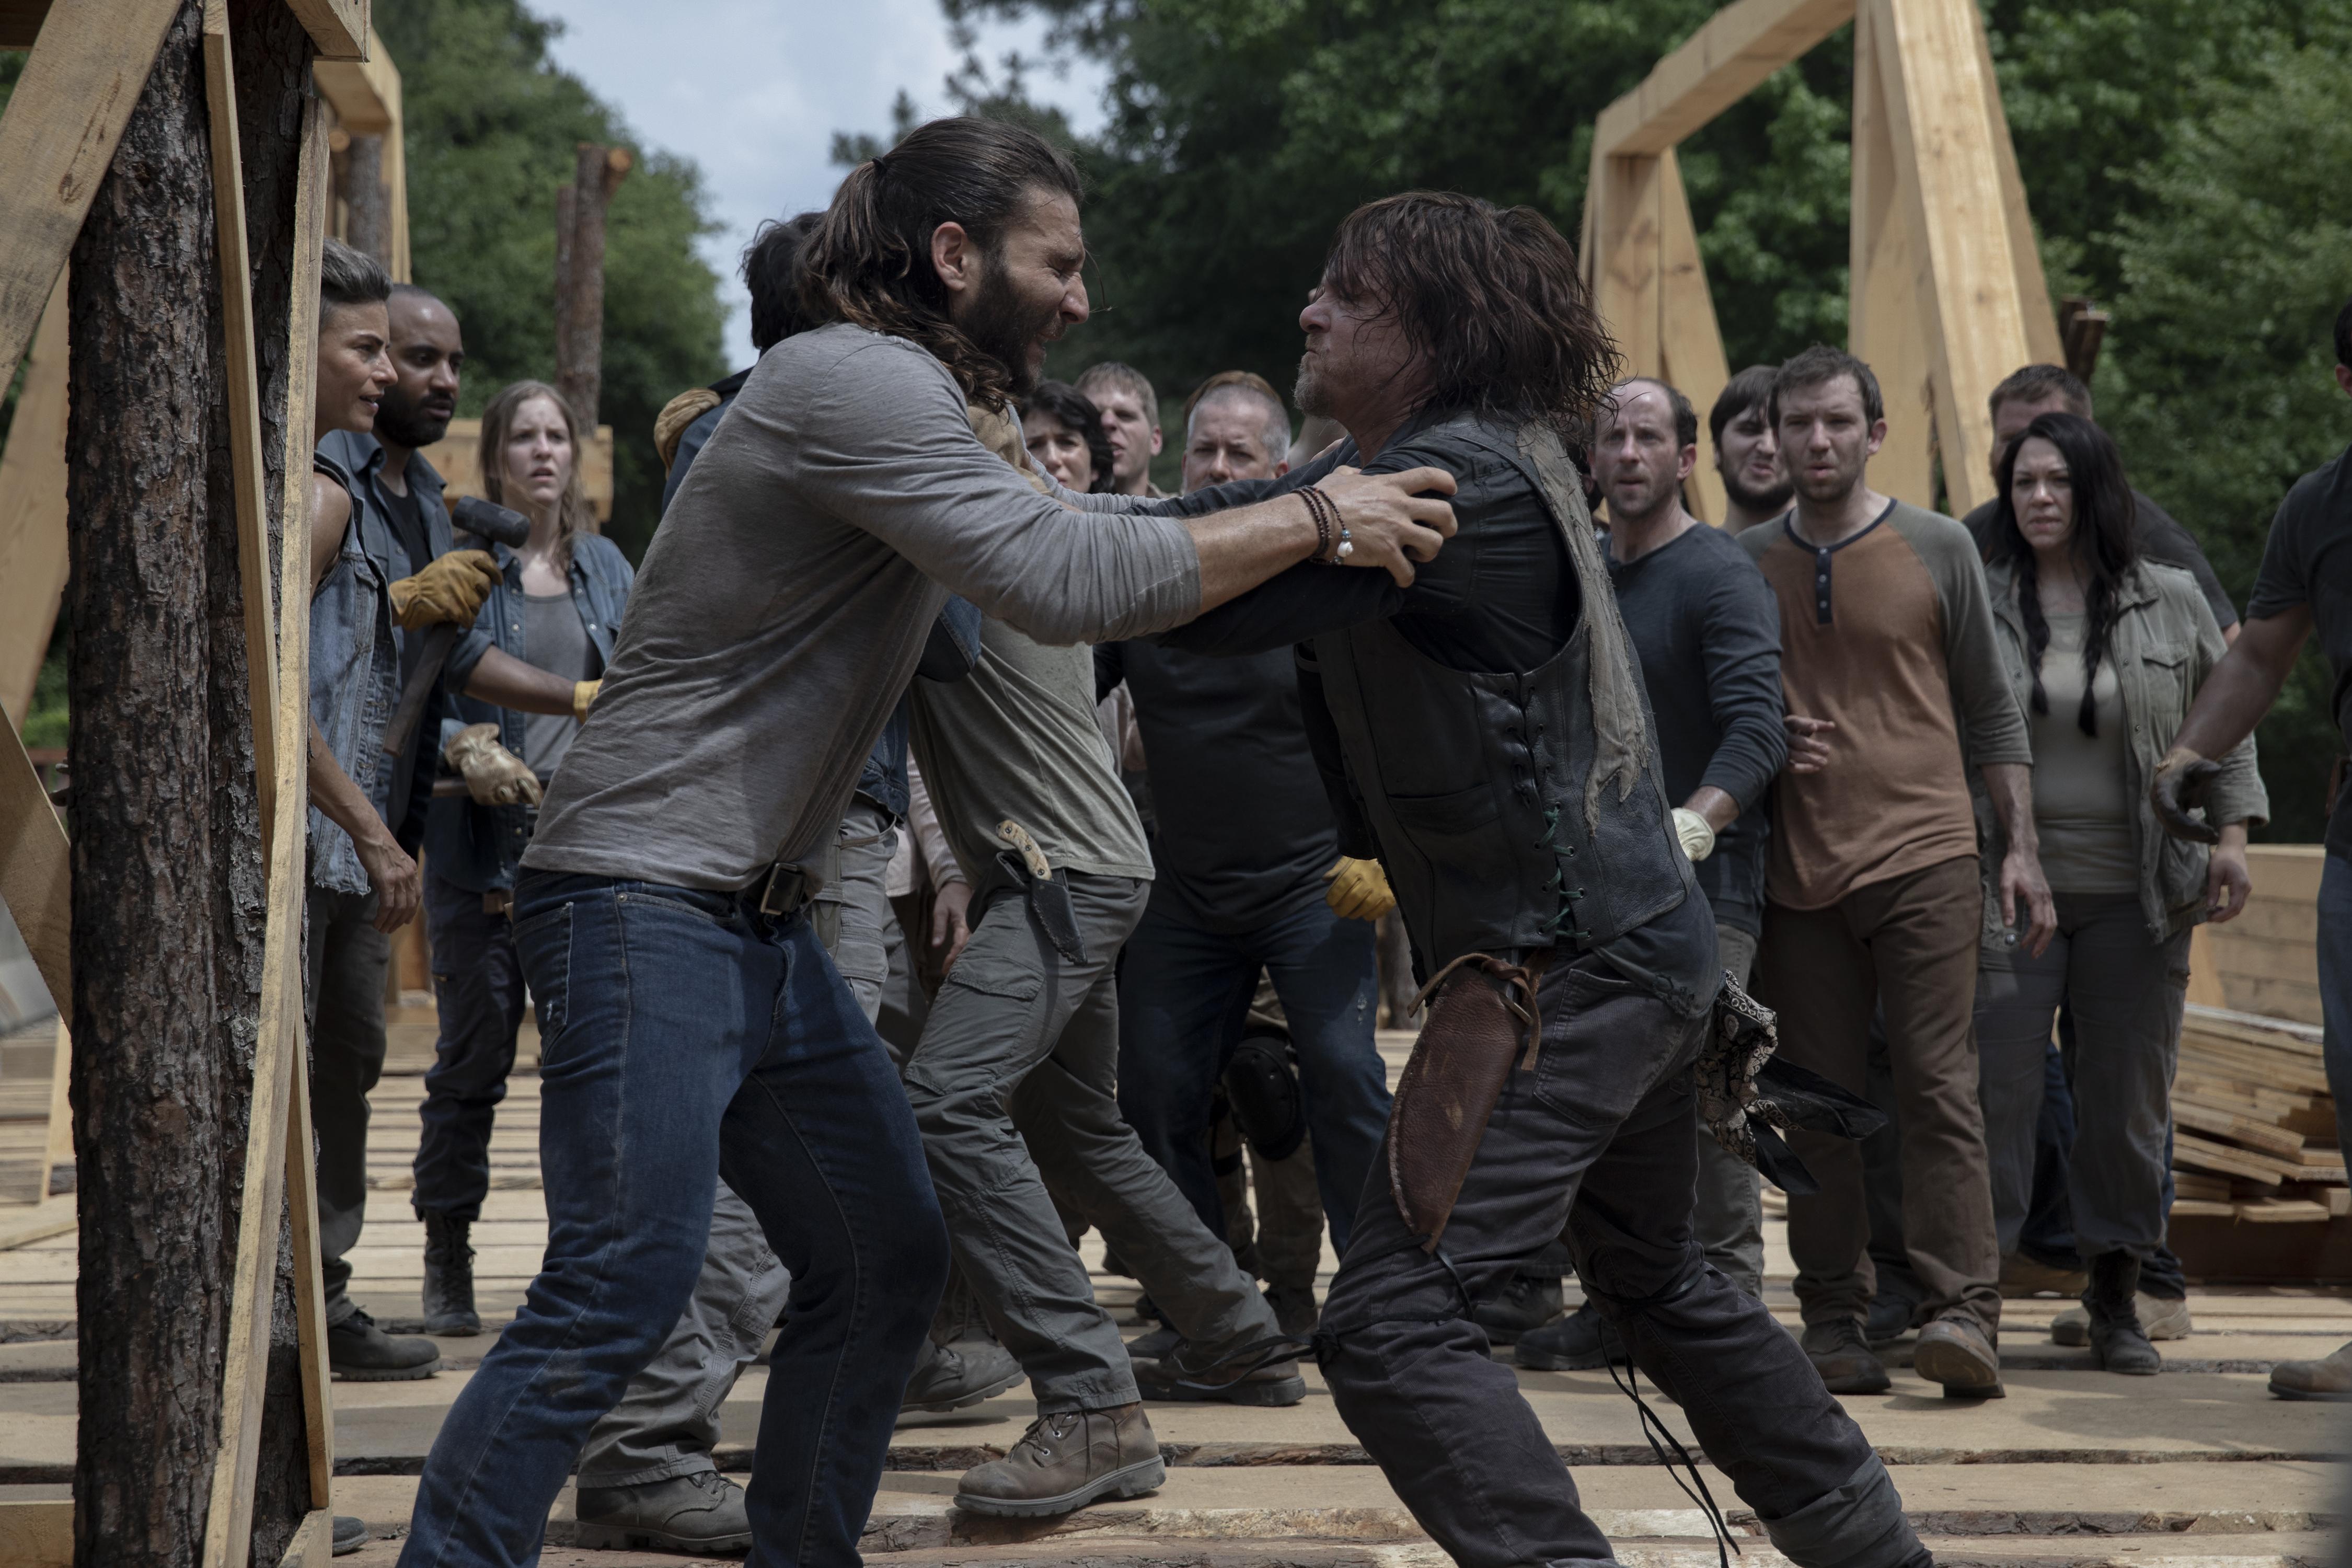 Justin (Zach McGowan) et Daryl Dixon (Norman Reedus) se battent à toutes les 20 minutes, ce soir! - The Walking Dead Saison 9 Épisode 2 - Crédit photo: Jackson Lee Davis/AMC